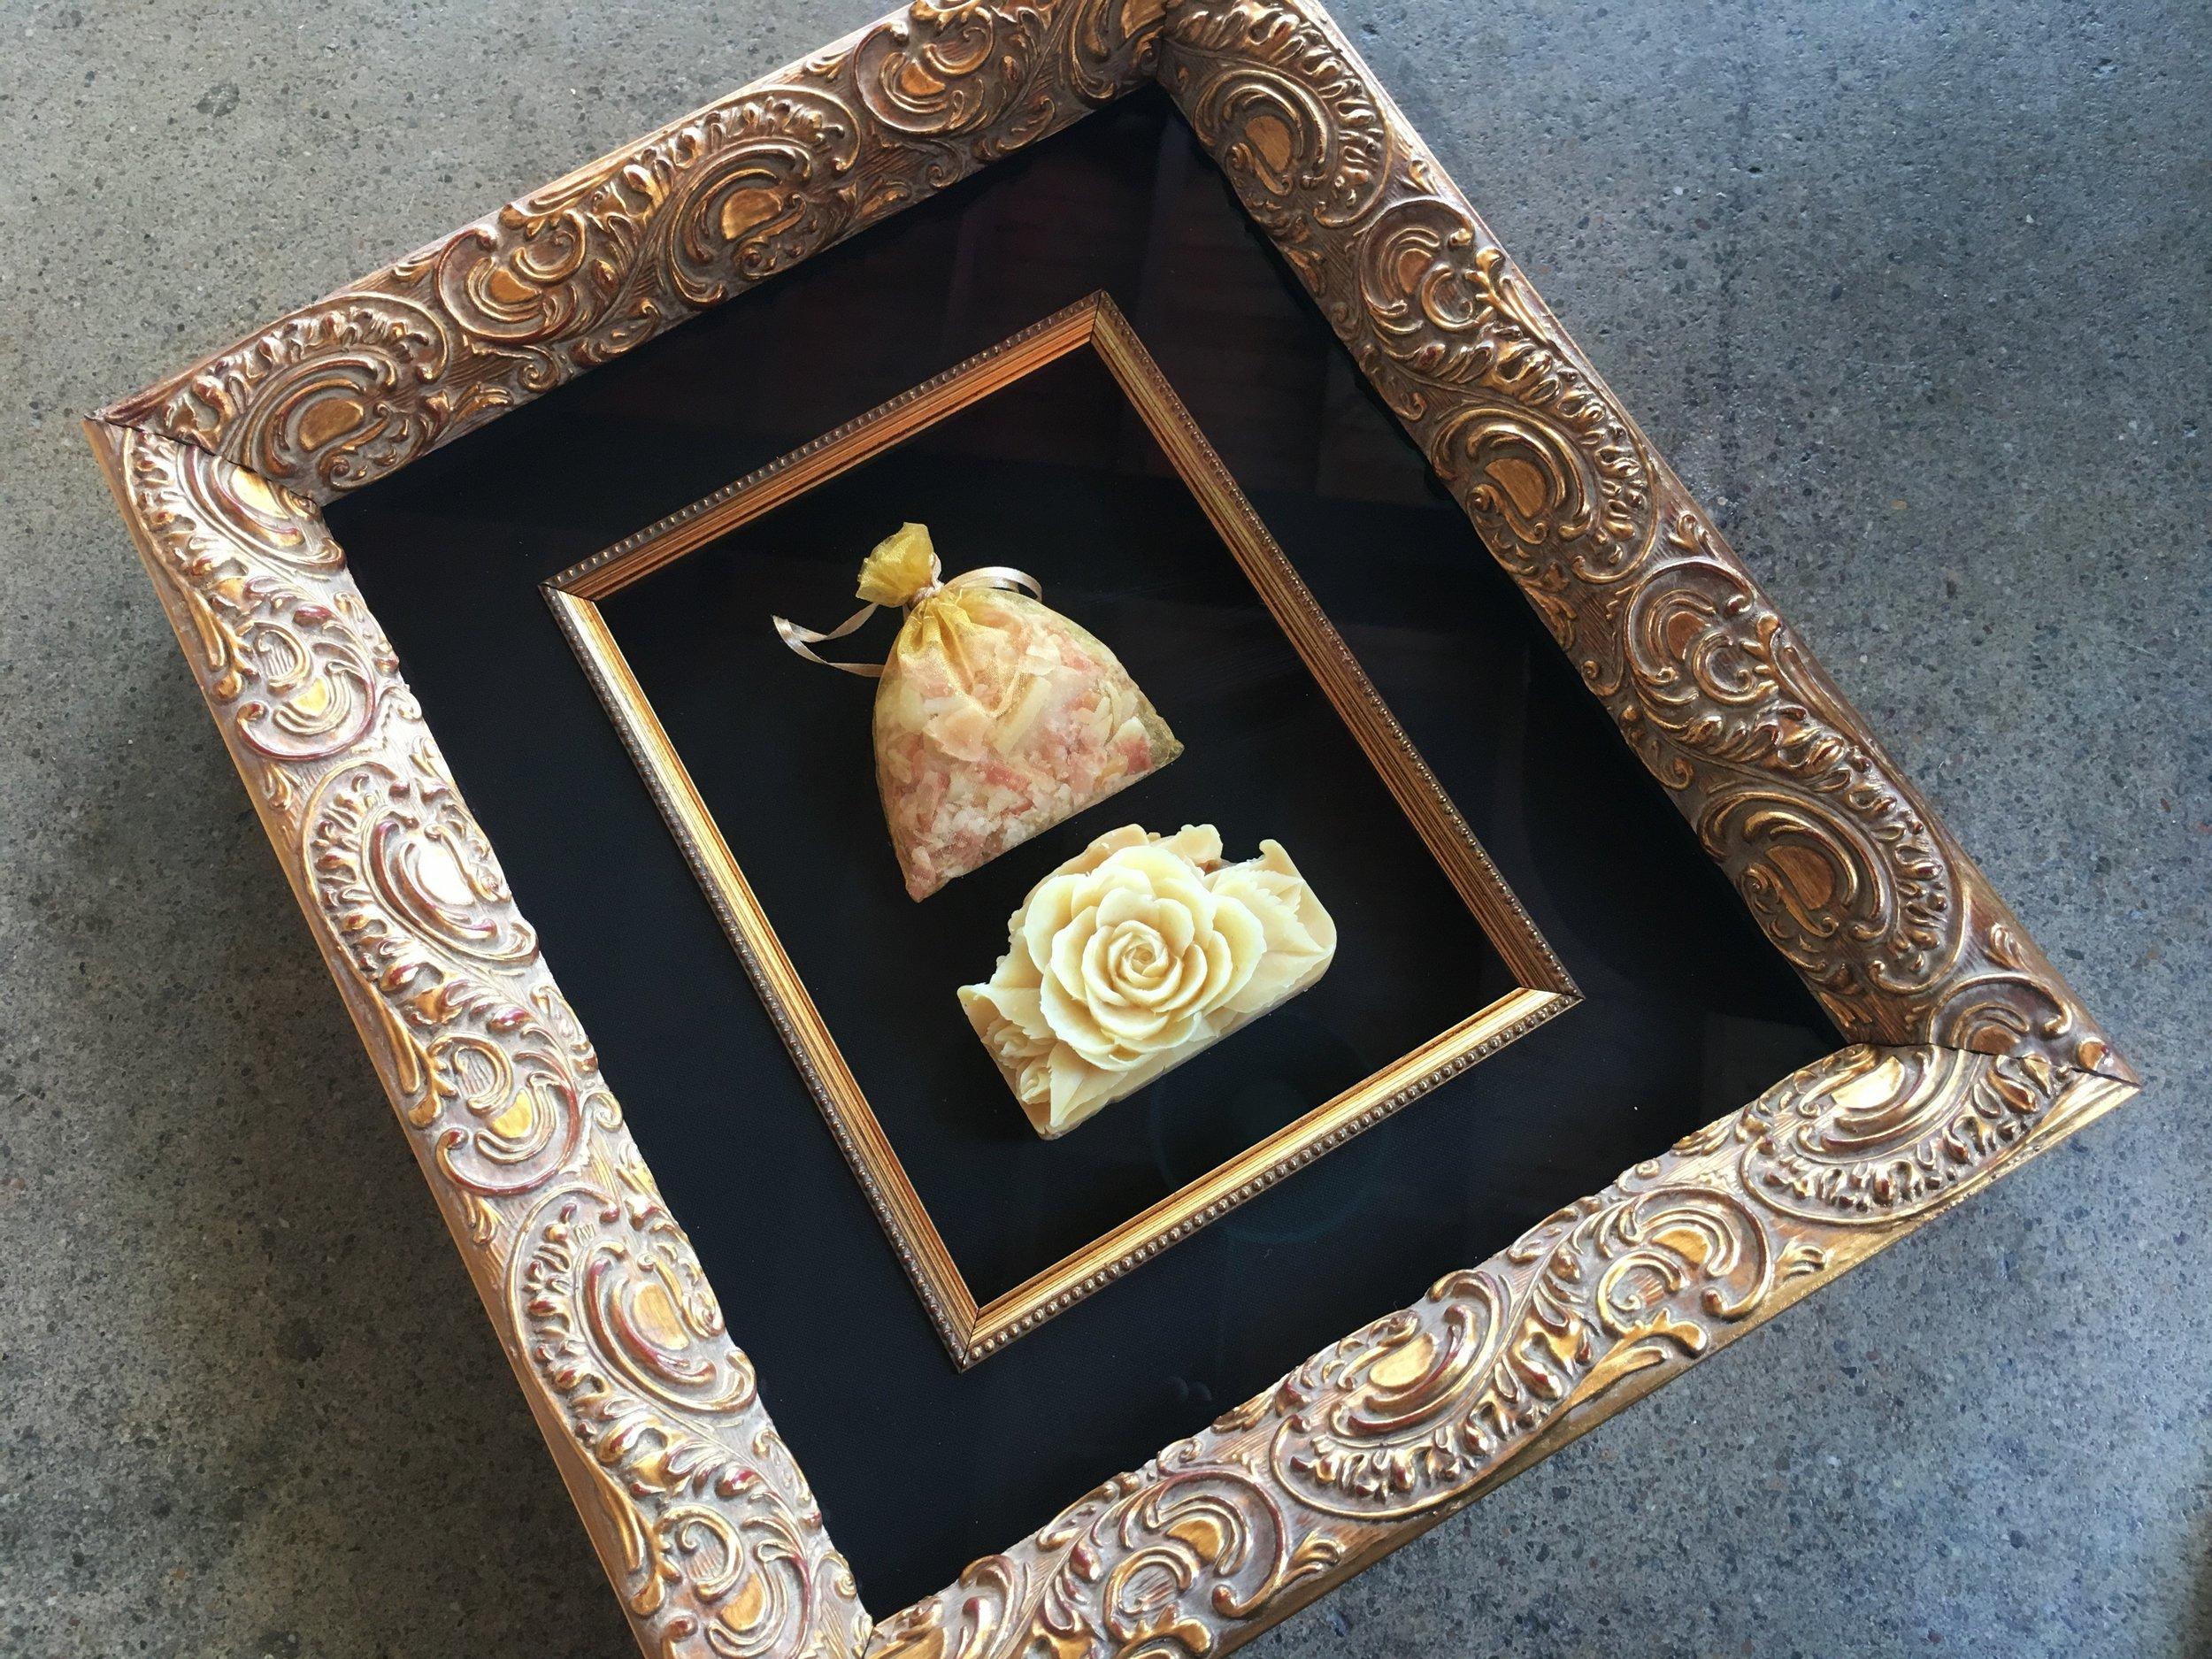 Carved soap framed. Ornate gold frame, black silk matting and a gold fillet trim